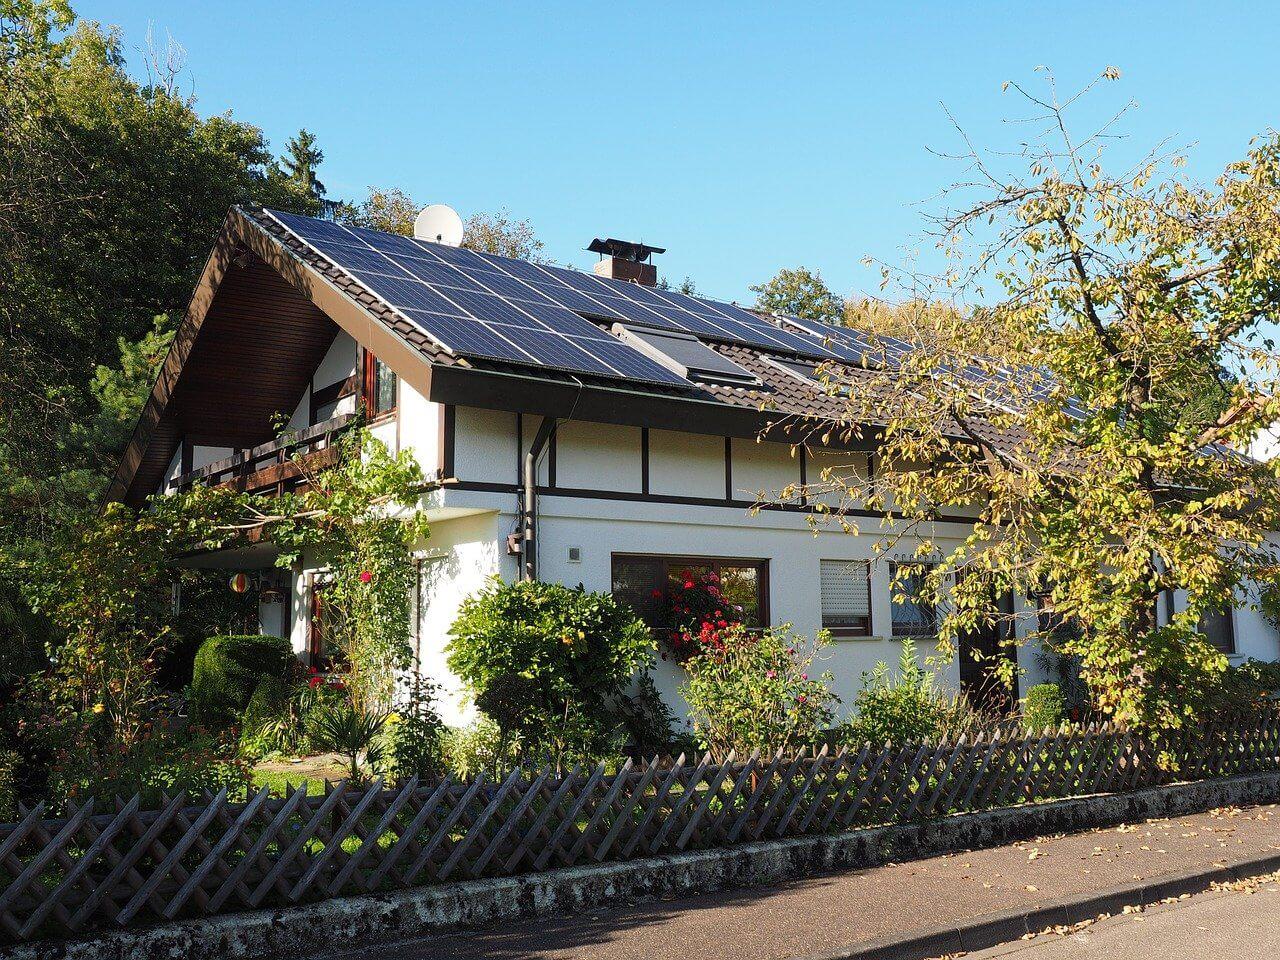 Zonne-energie: vind zonnepanelen installateurs in de buurt